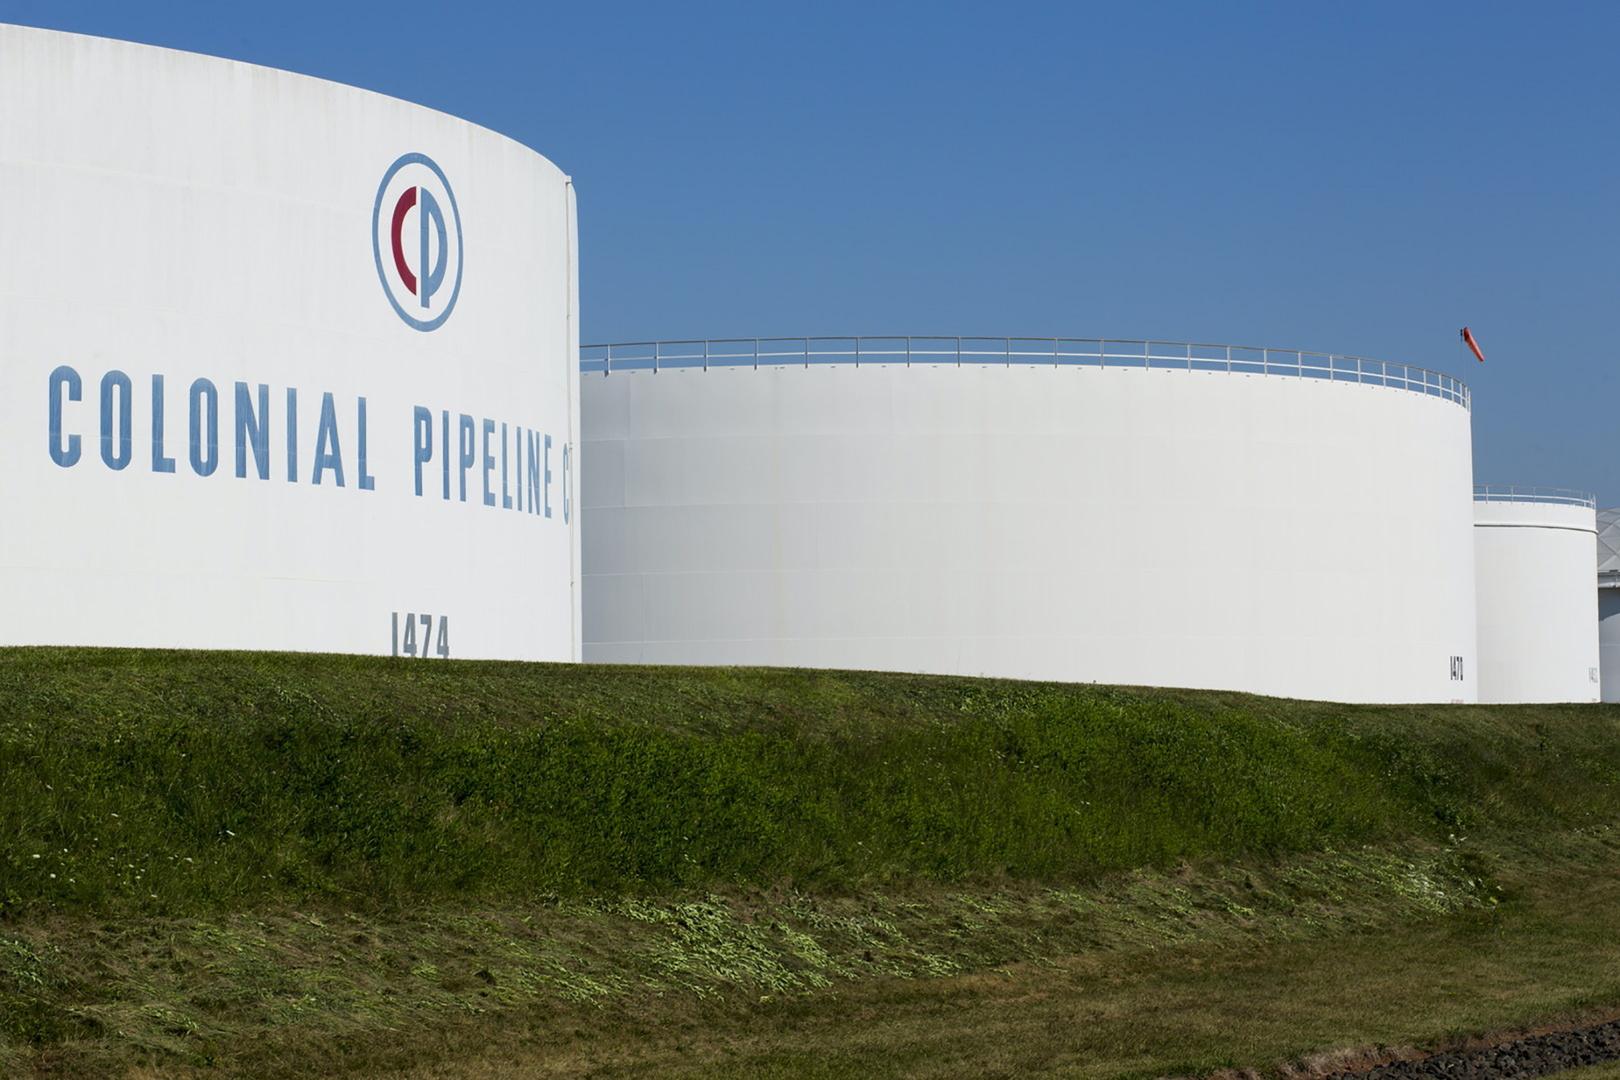 خط أنابيب لشركة Colonial Pipeline